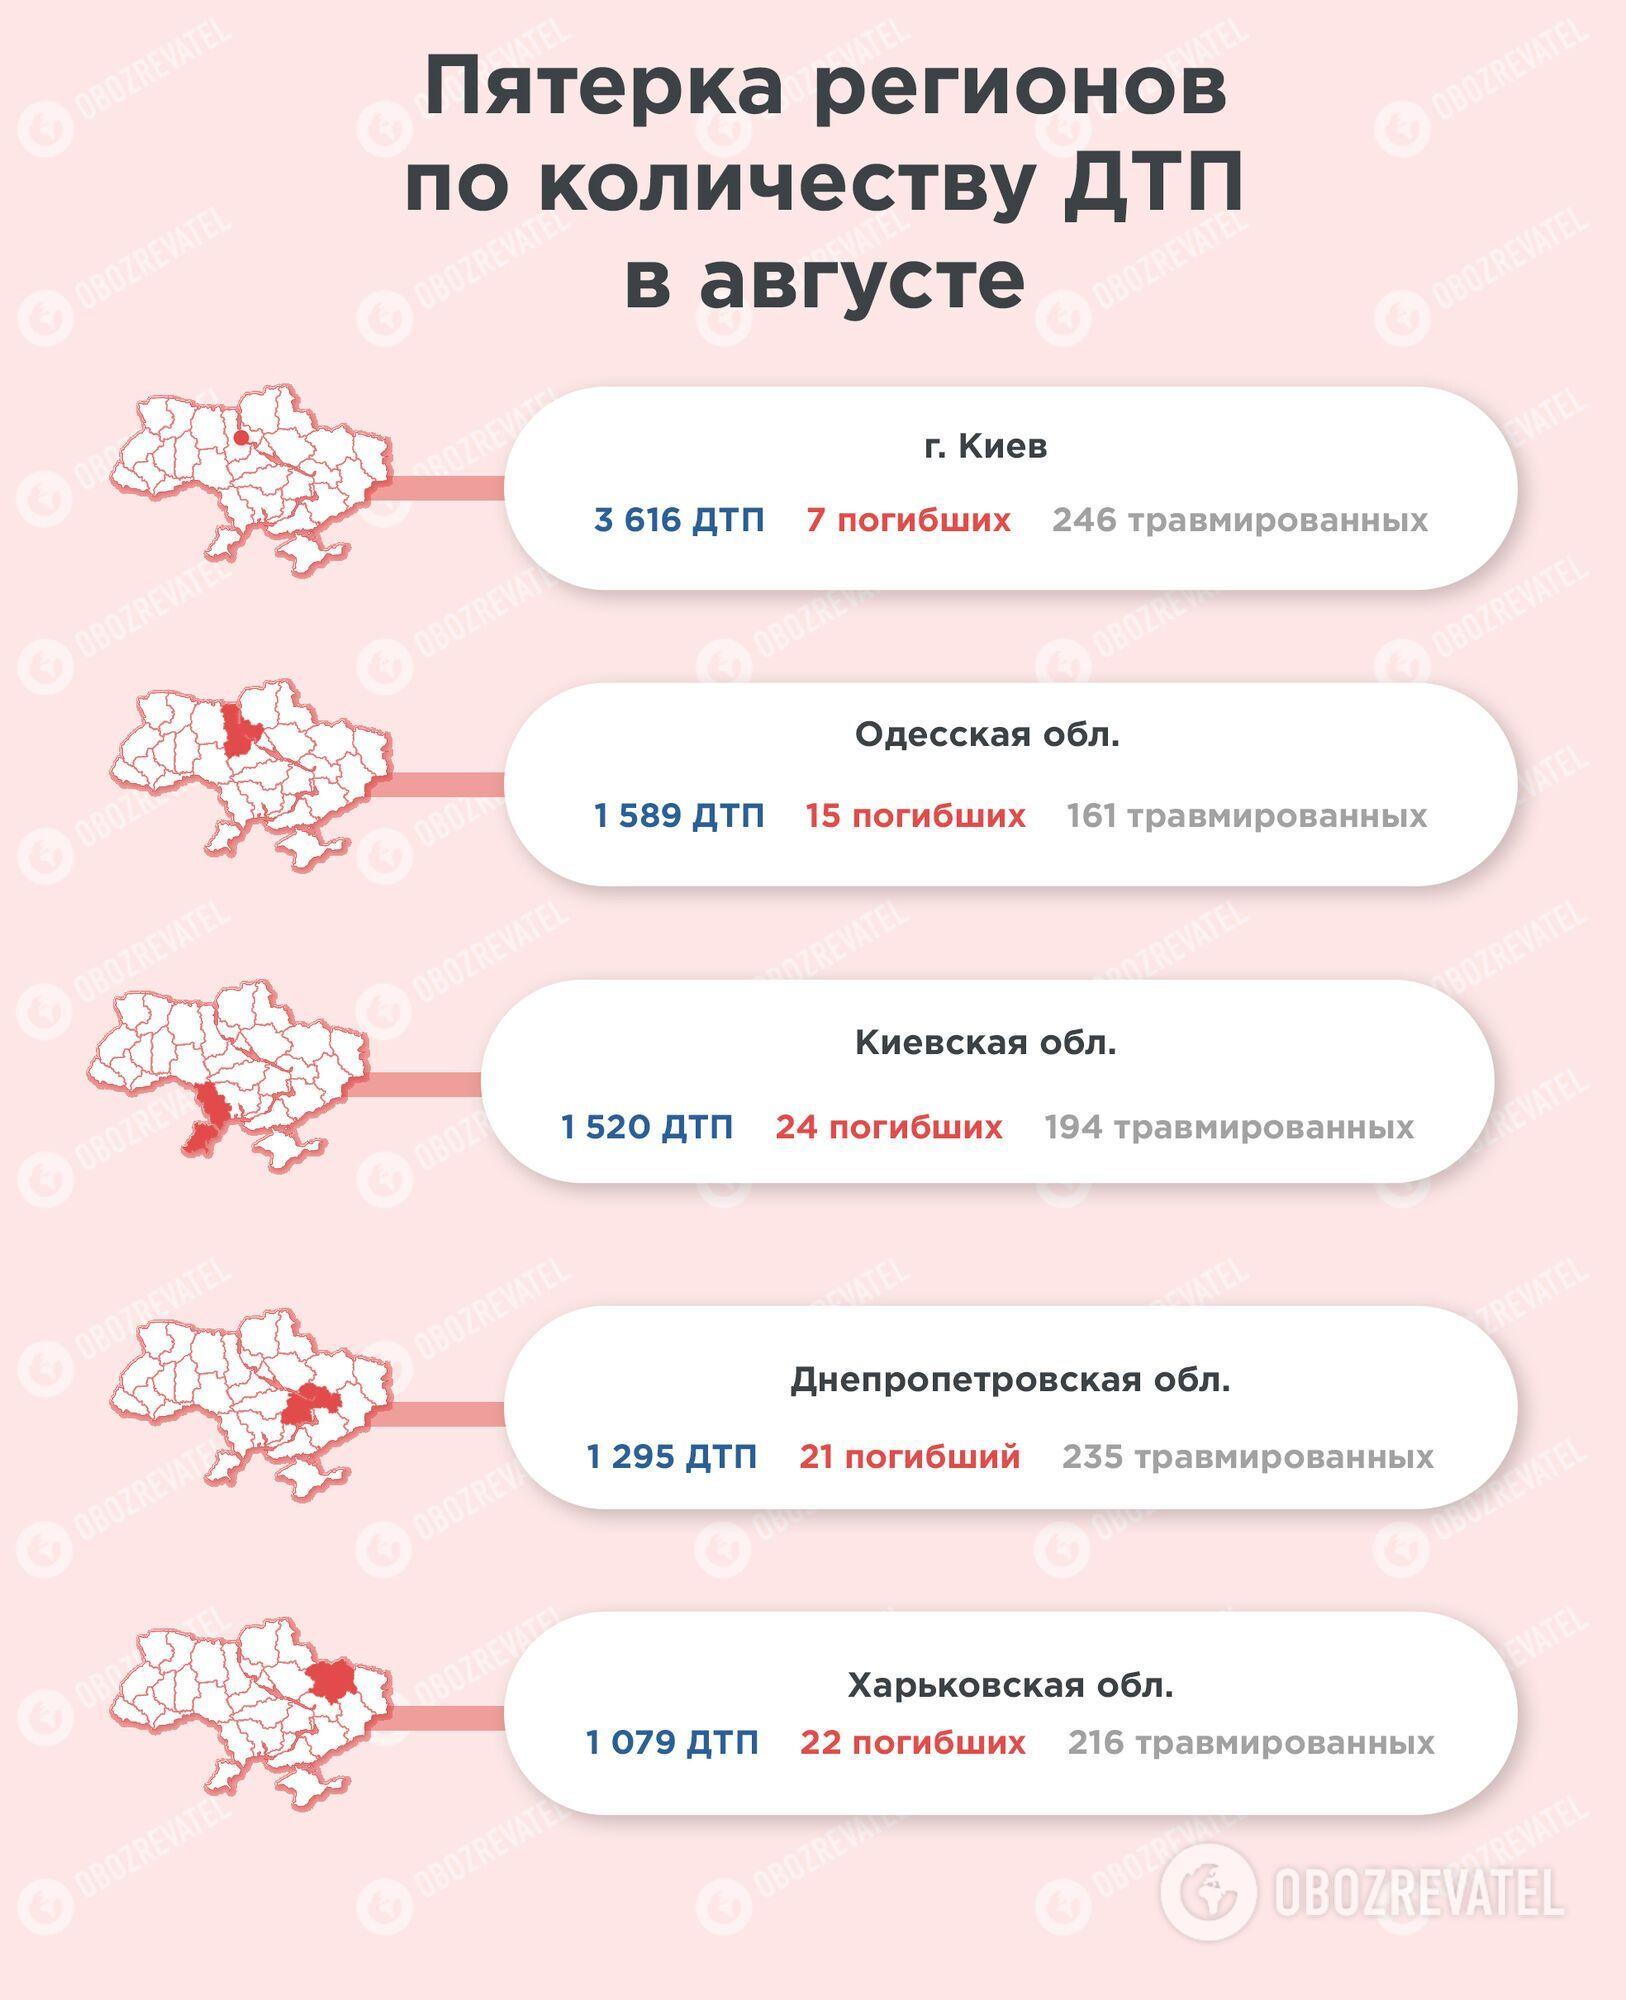 Пятерка регионов по количеству ДТП в августе.